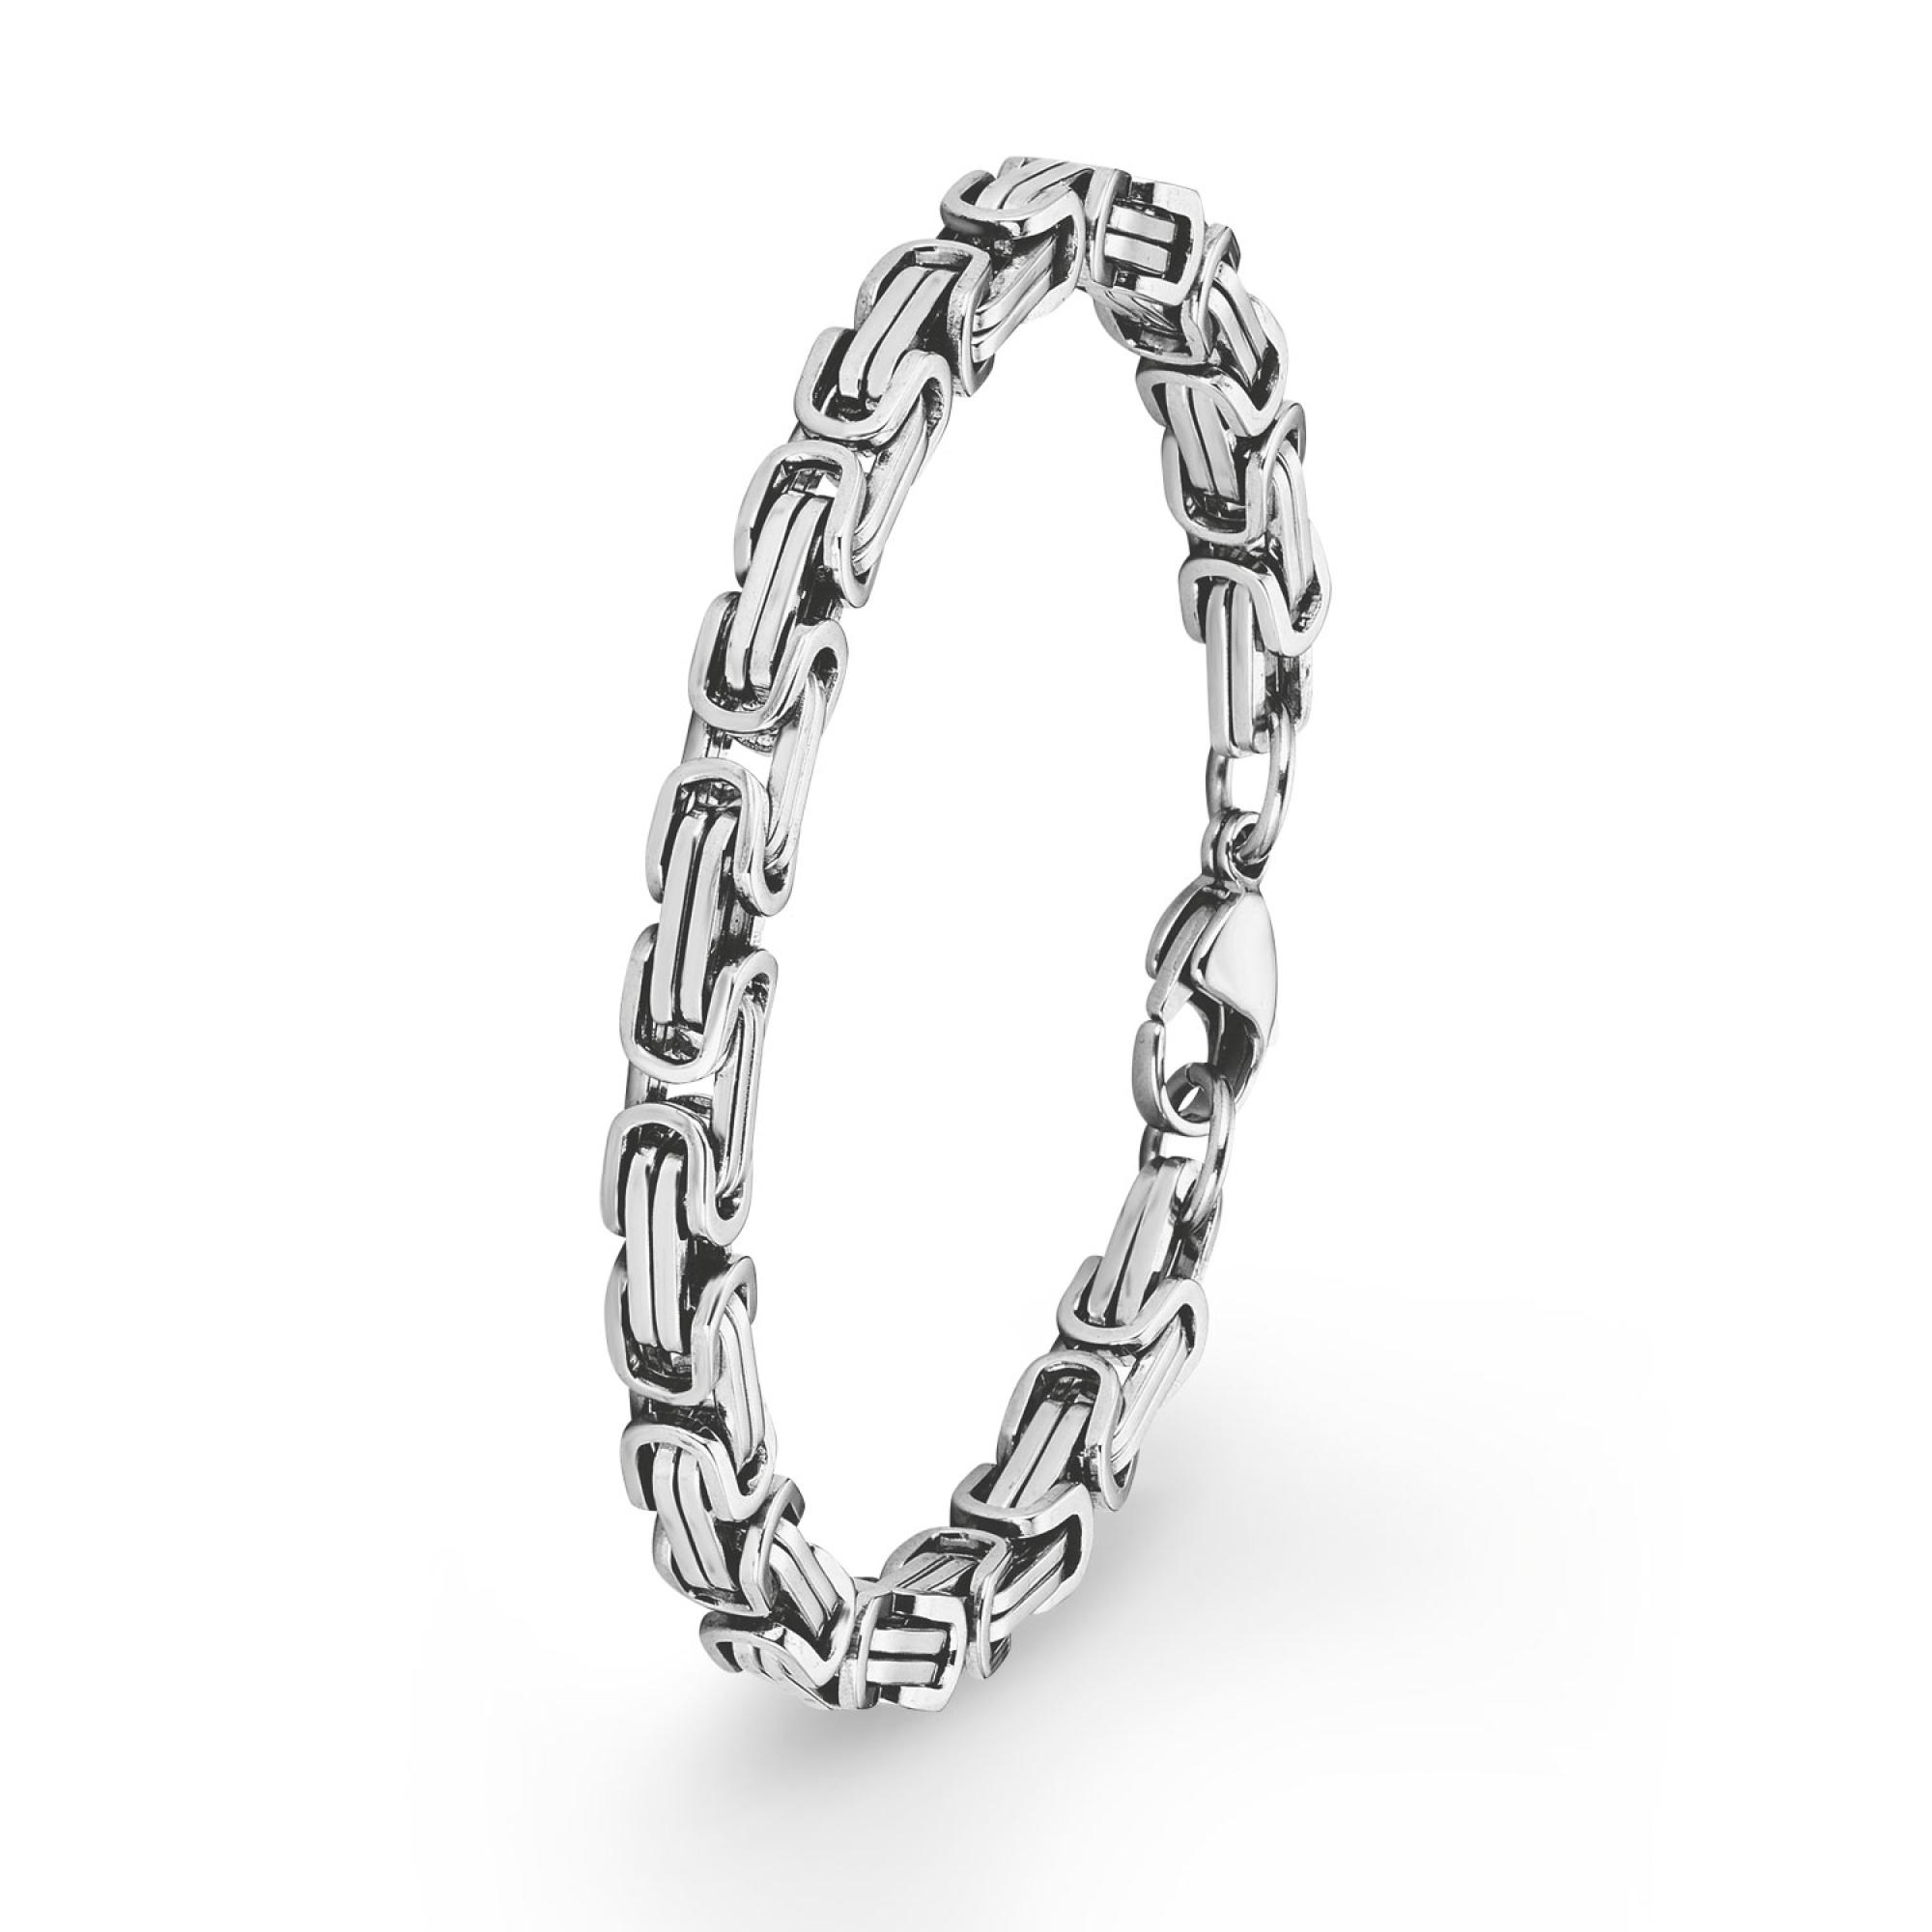 Armband für Herren, Edelstahl, 21 cm Königsgliederung